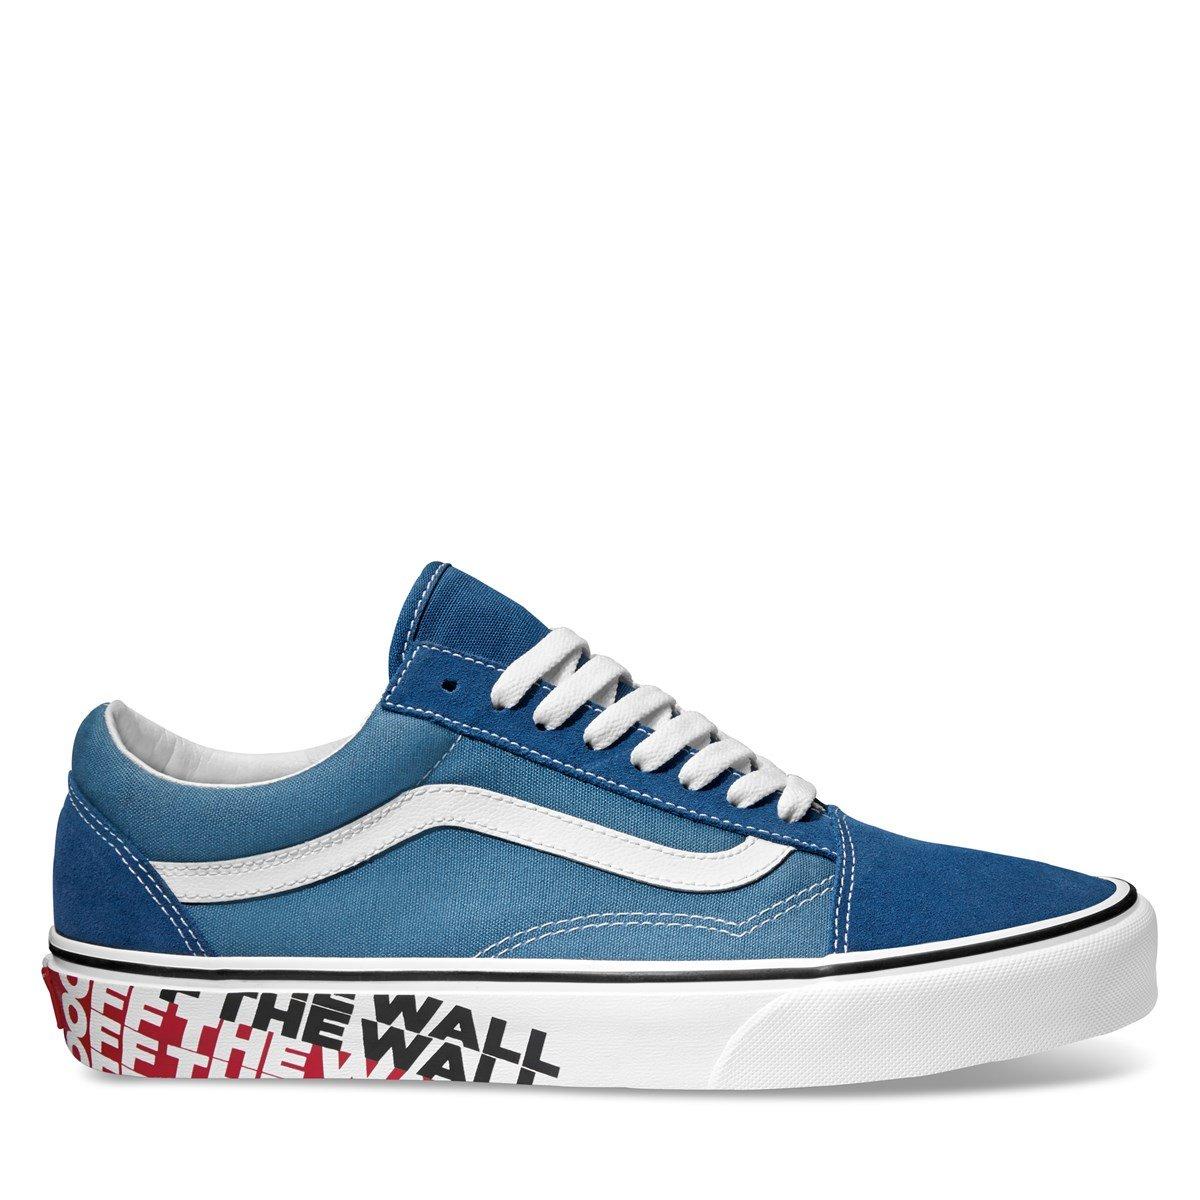 Men's Old Skool OTW Side Wall Blue Sneaker